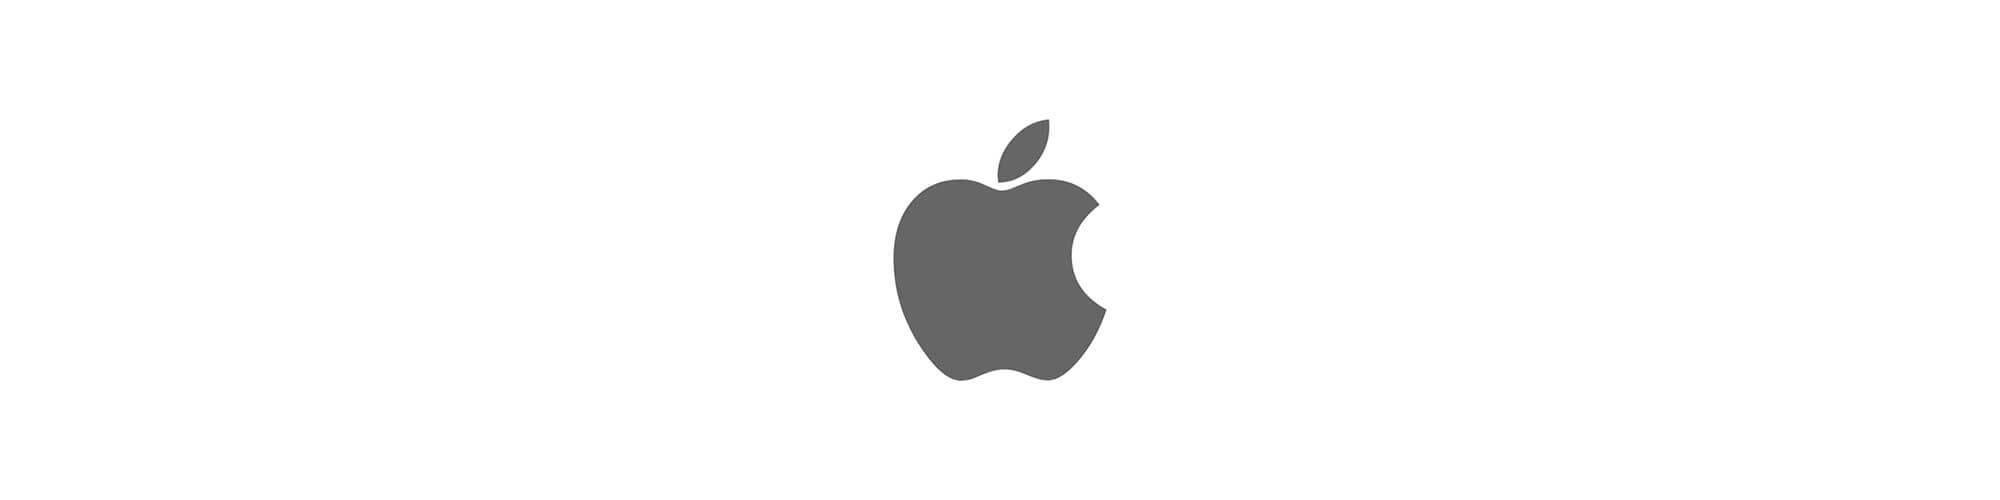 Η Apple μπορεί να έχει την λύση για την τσάκιση στις αναδιπλούμενες συσκευές!